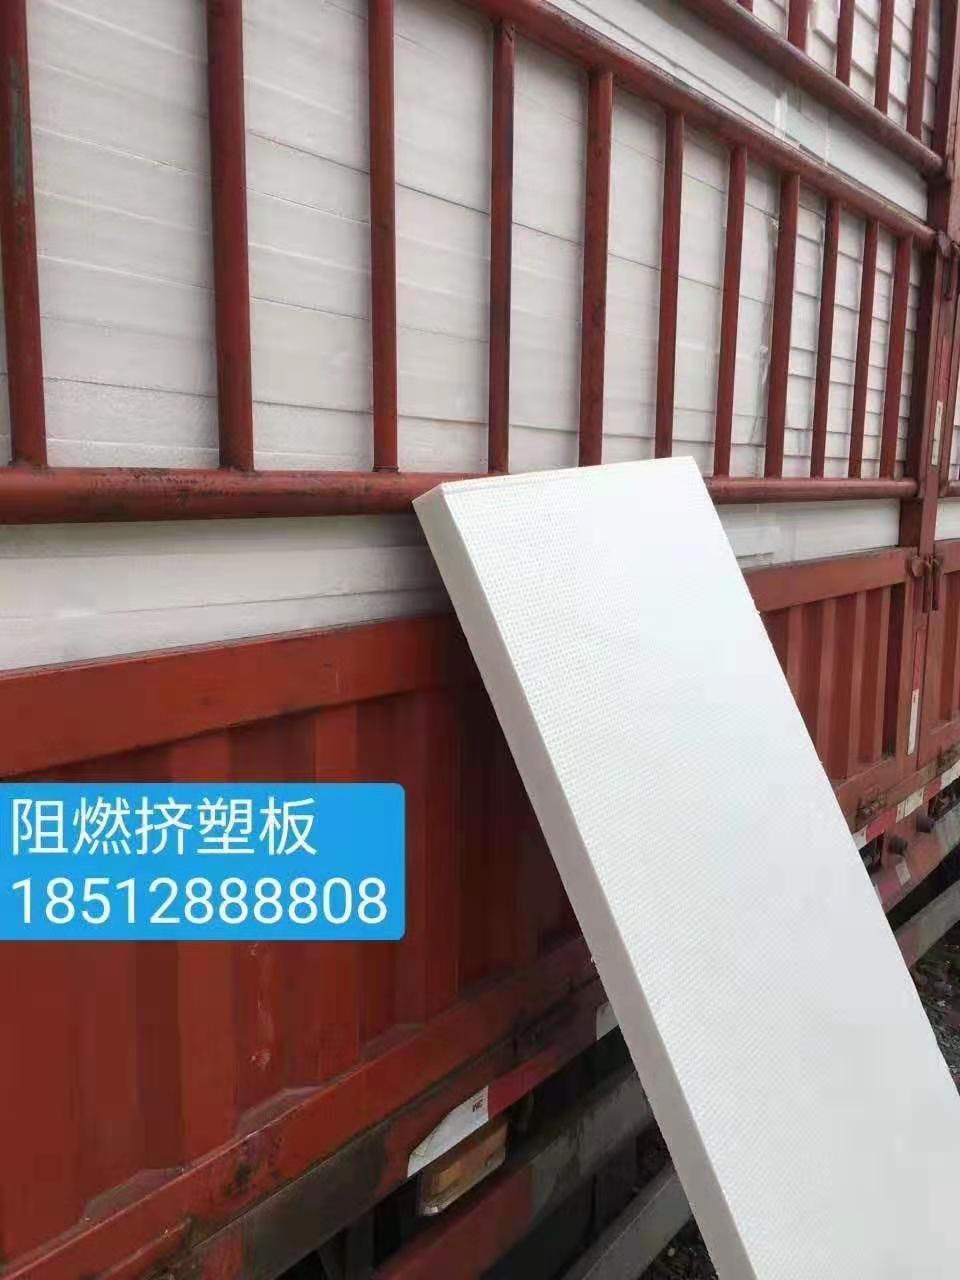 四川阻燃挤塑板生产